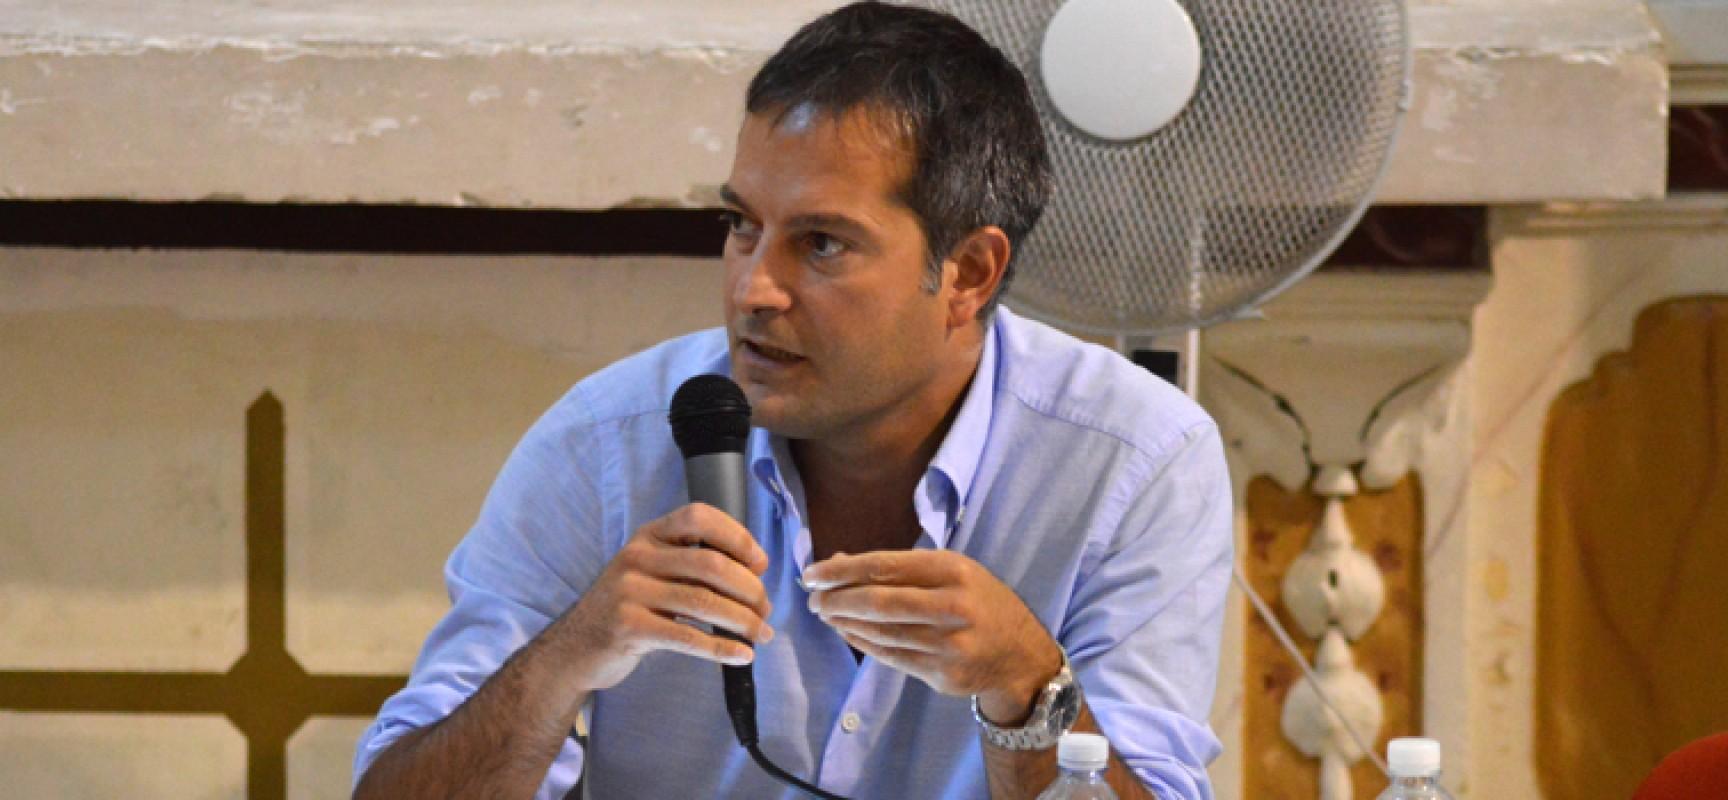 """Bando riqualificazione aree urbane degradate, Angarano (PD): """"Una formidabile opportunità"""""""